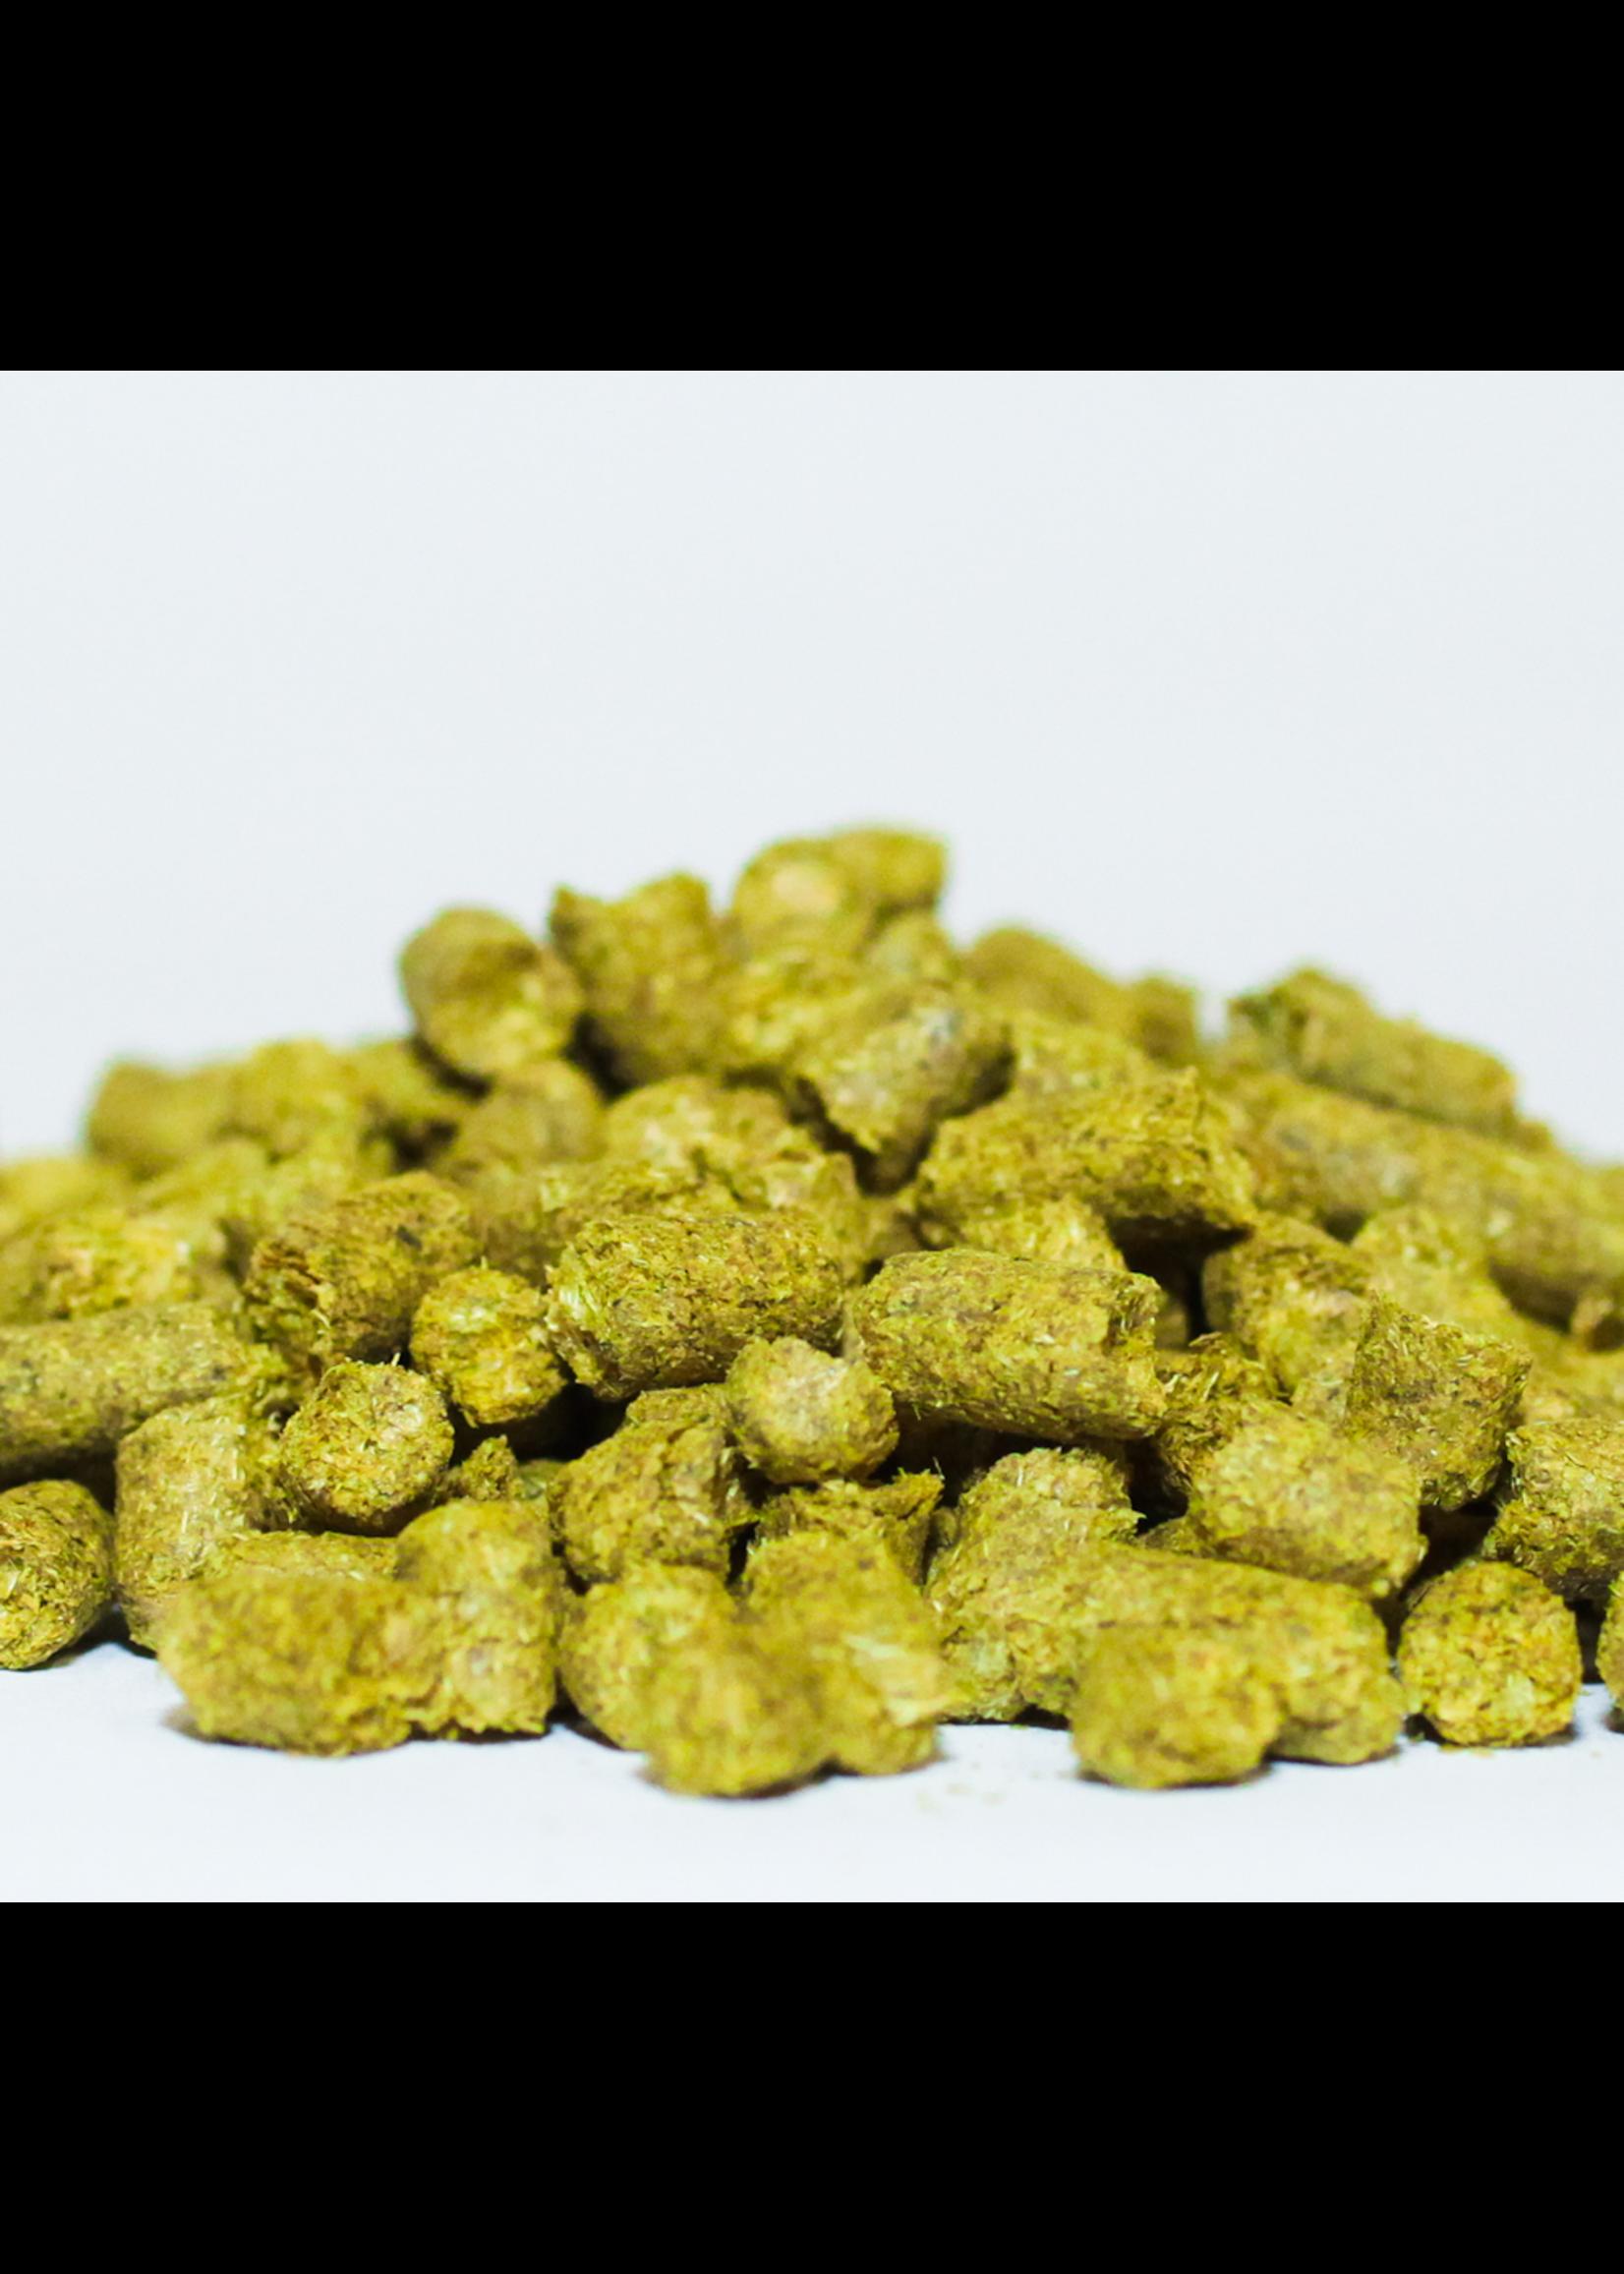 Hops Amarillo Hops (US) - Pellets - 1 LB